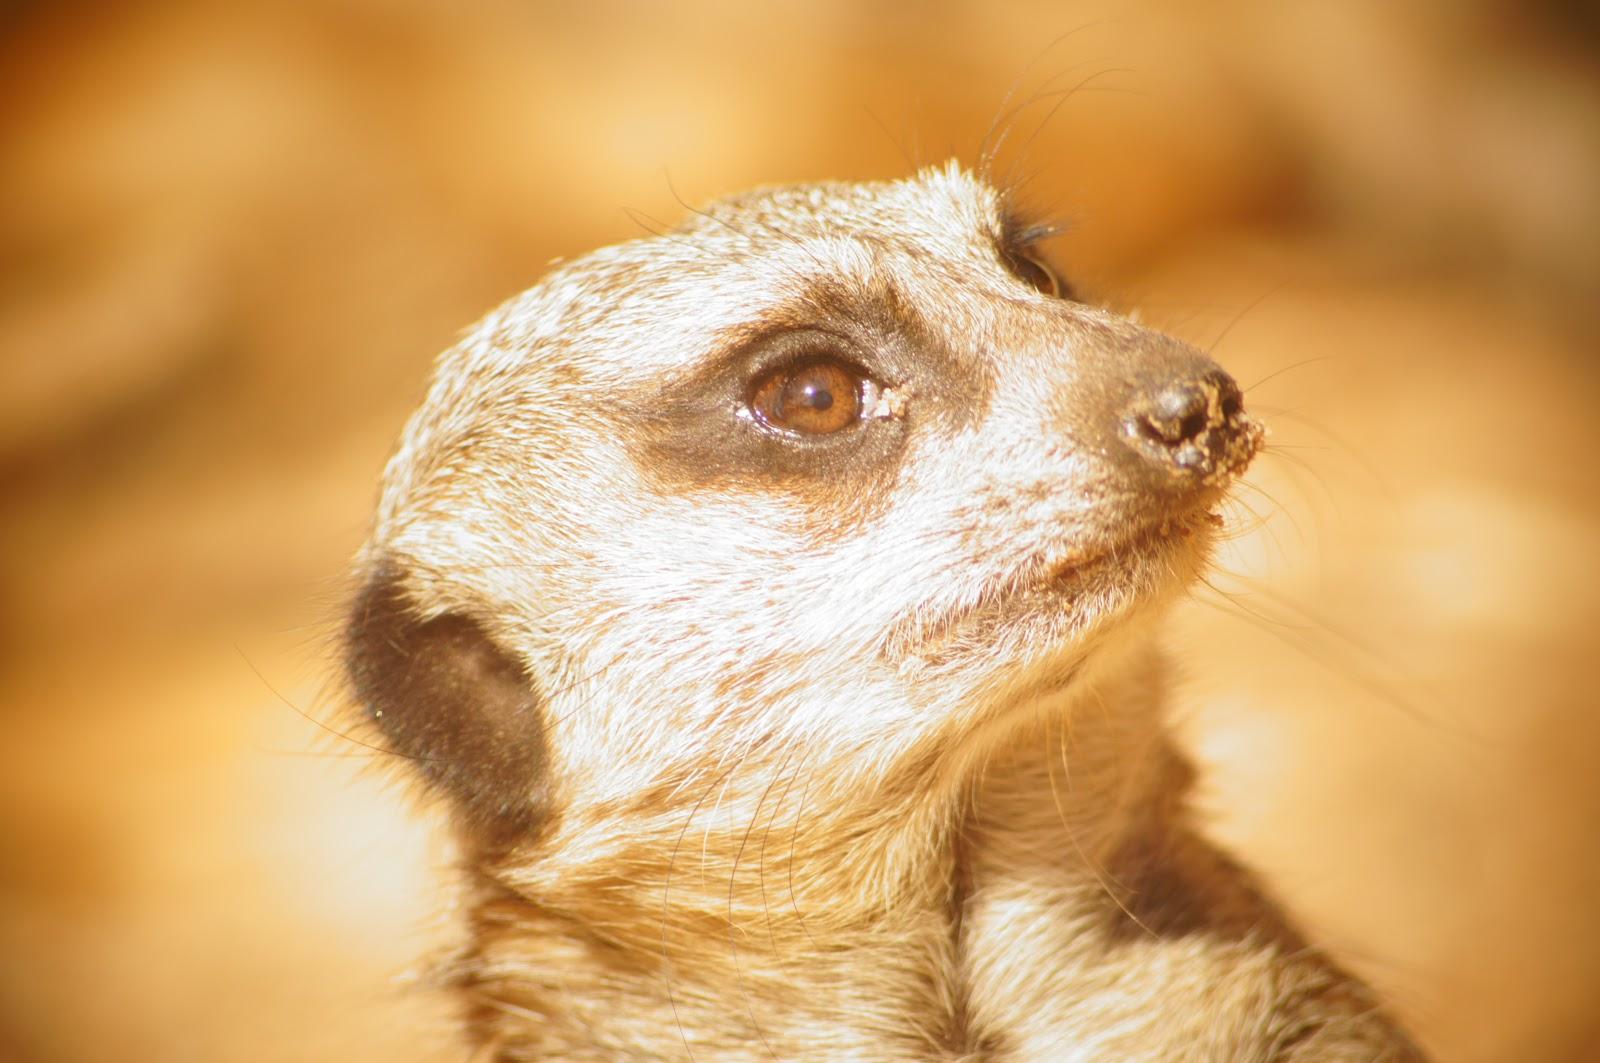 free image for online download meerkat